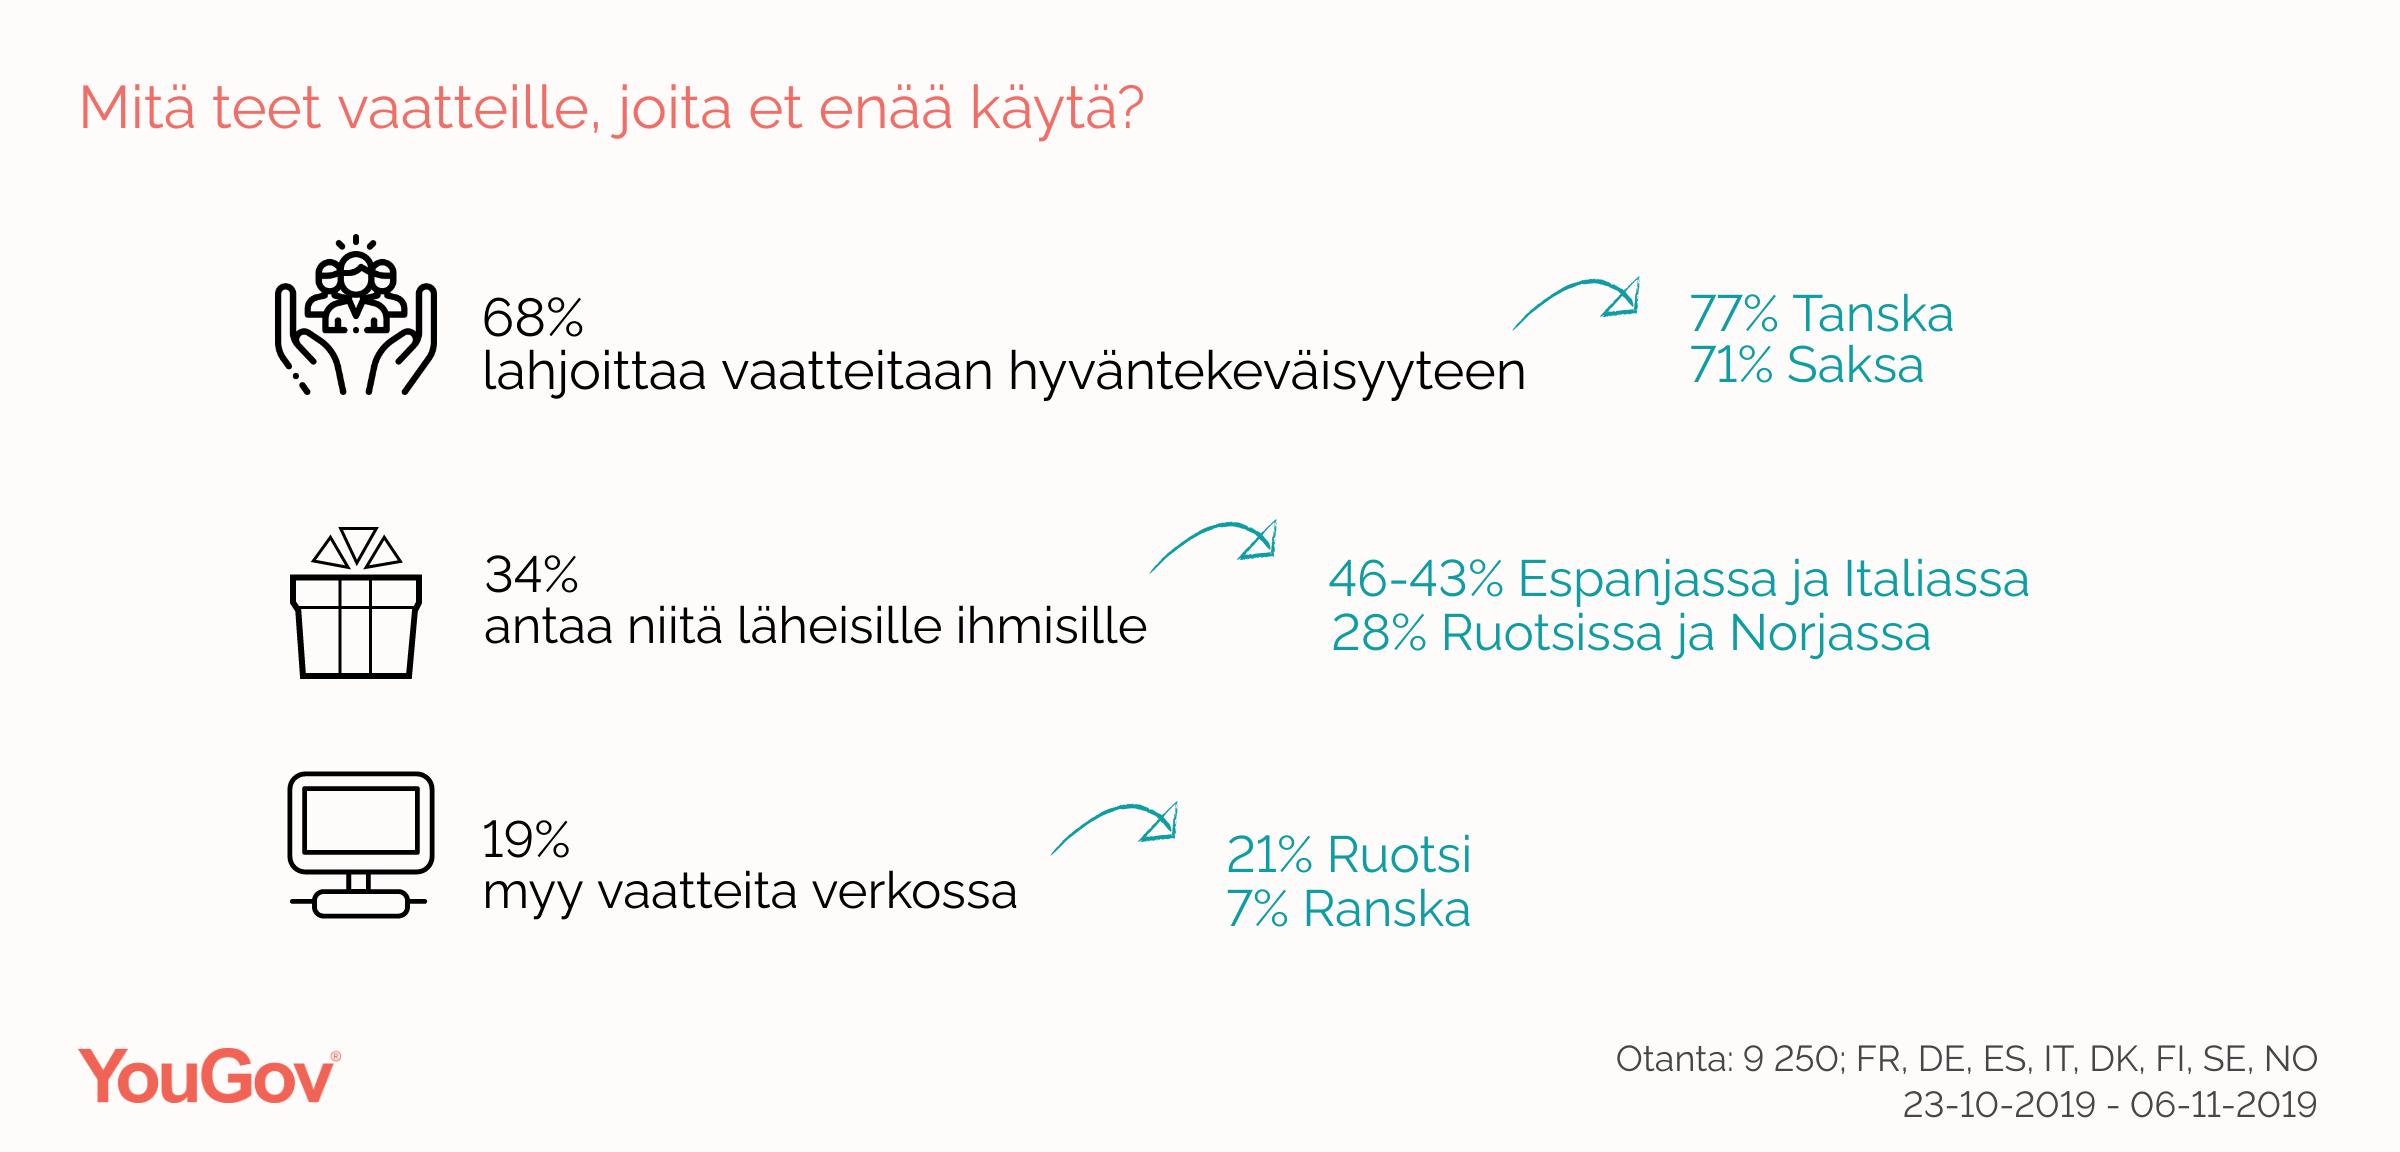 Suomessa 25 % on vähentänyt vaatteiden ostamista eettisin perustein